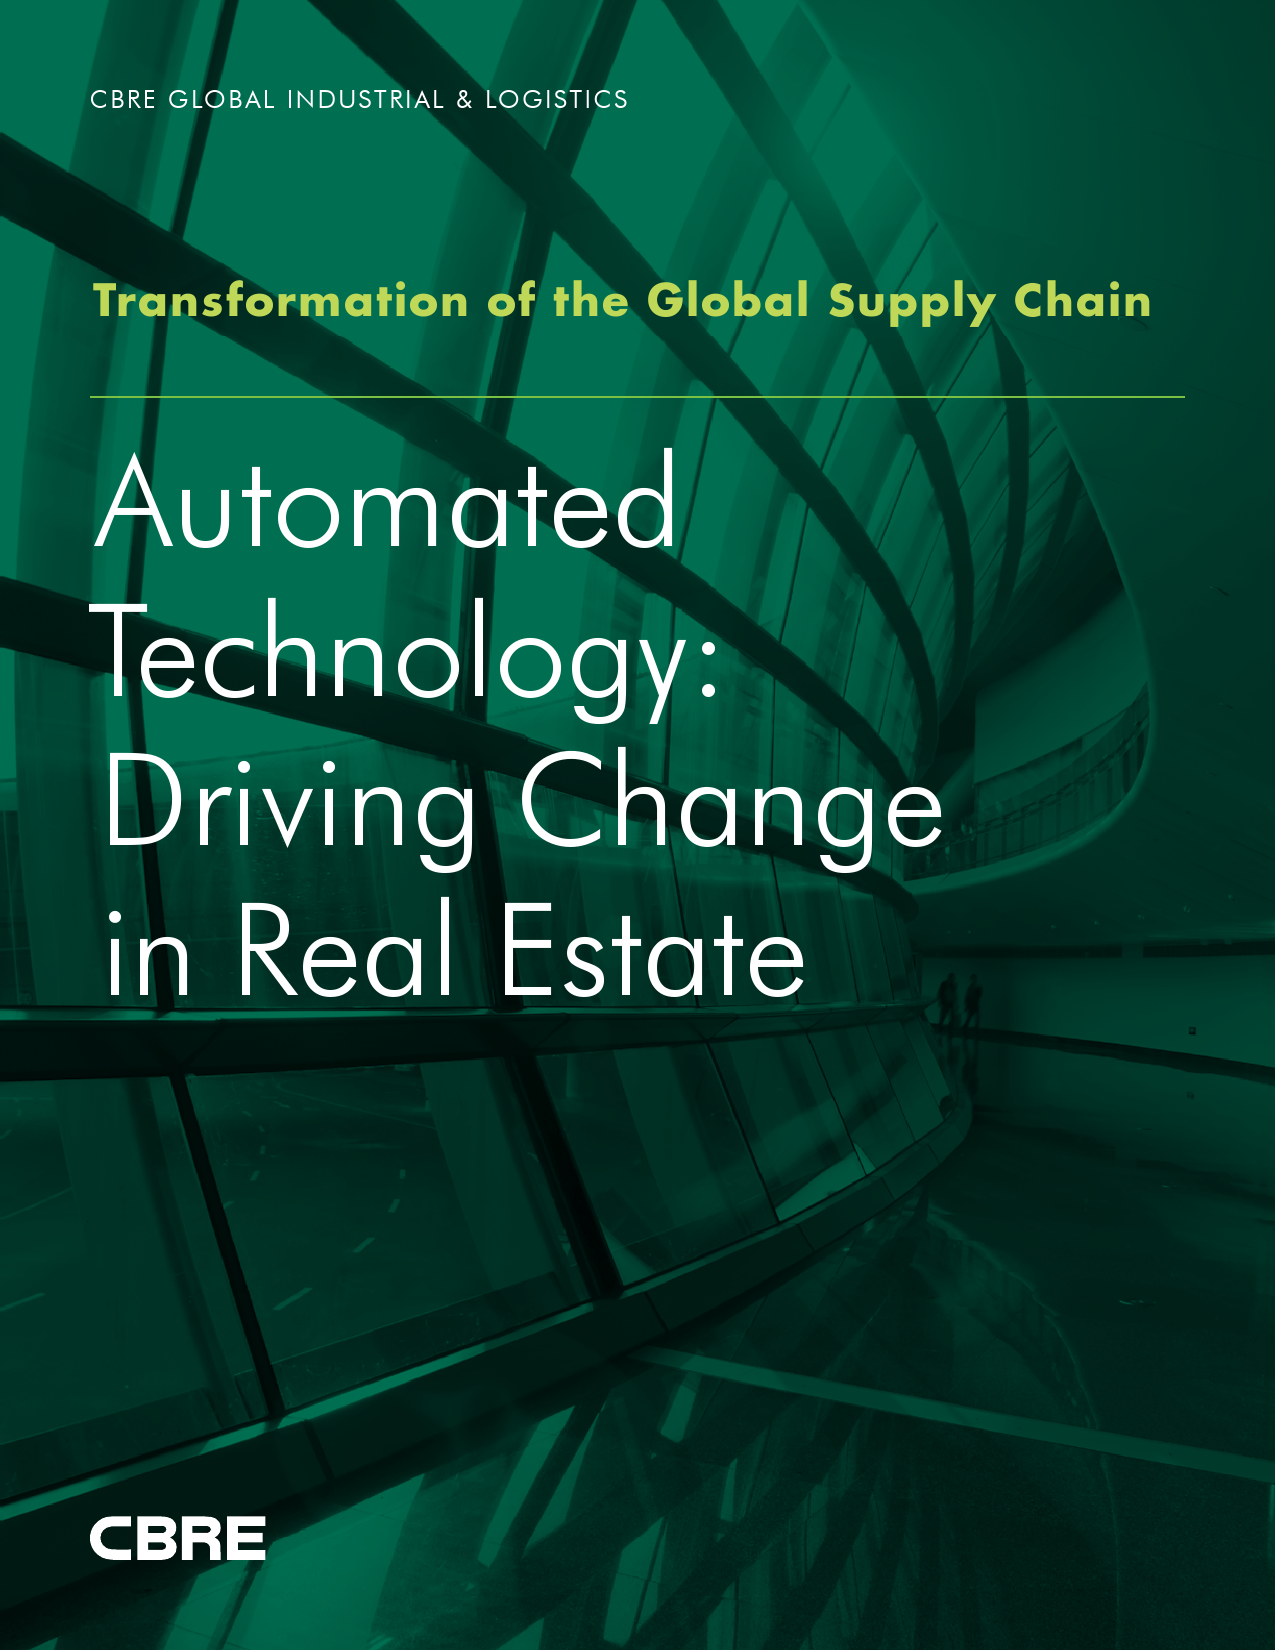 全球供应链升级-自动化技术驱动房地产变革_000001